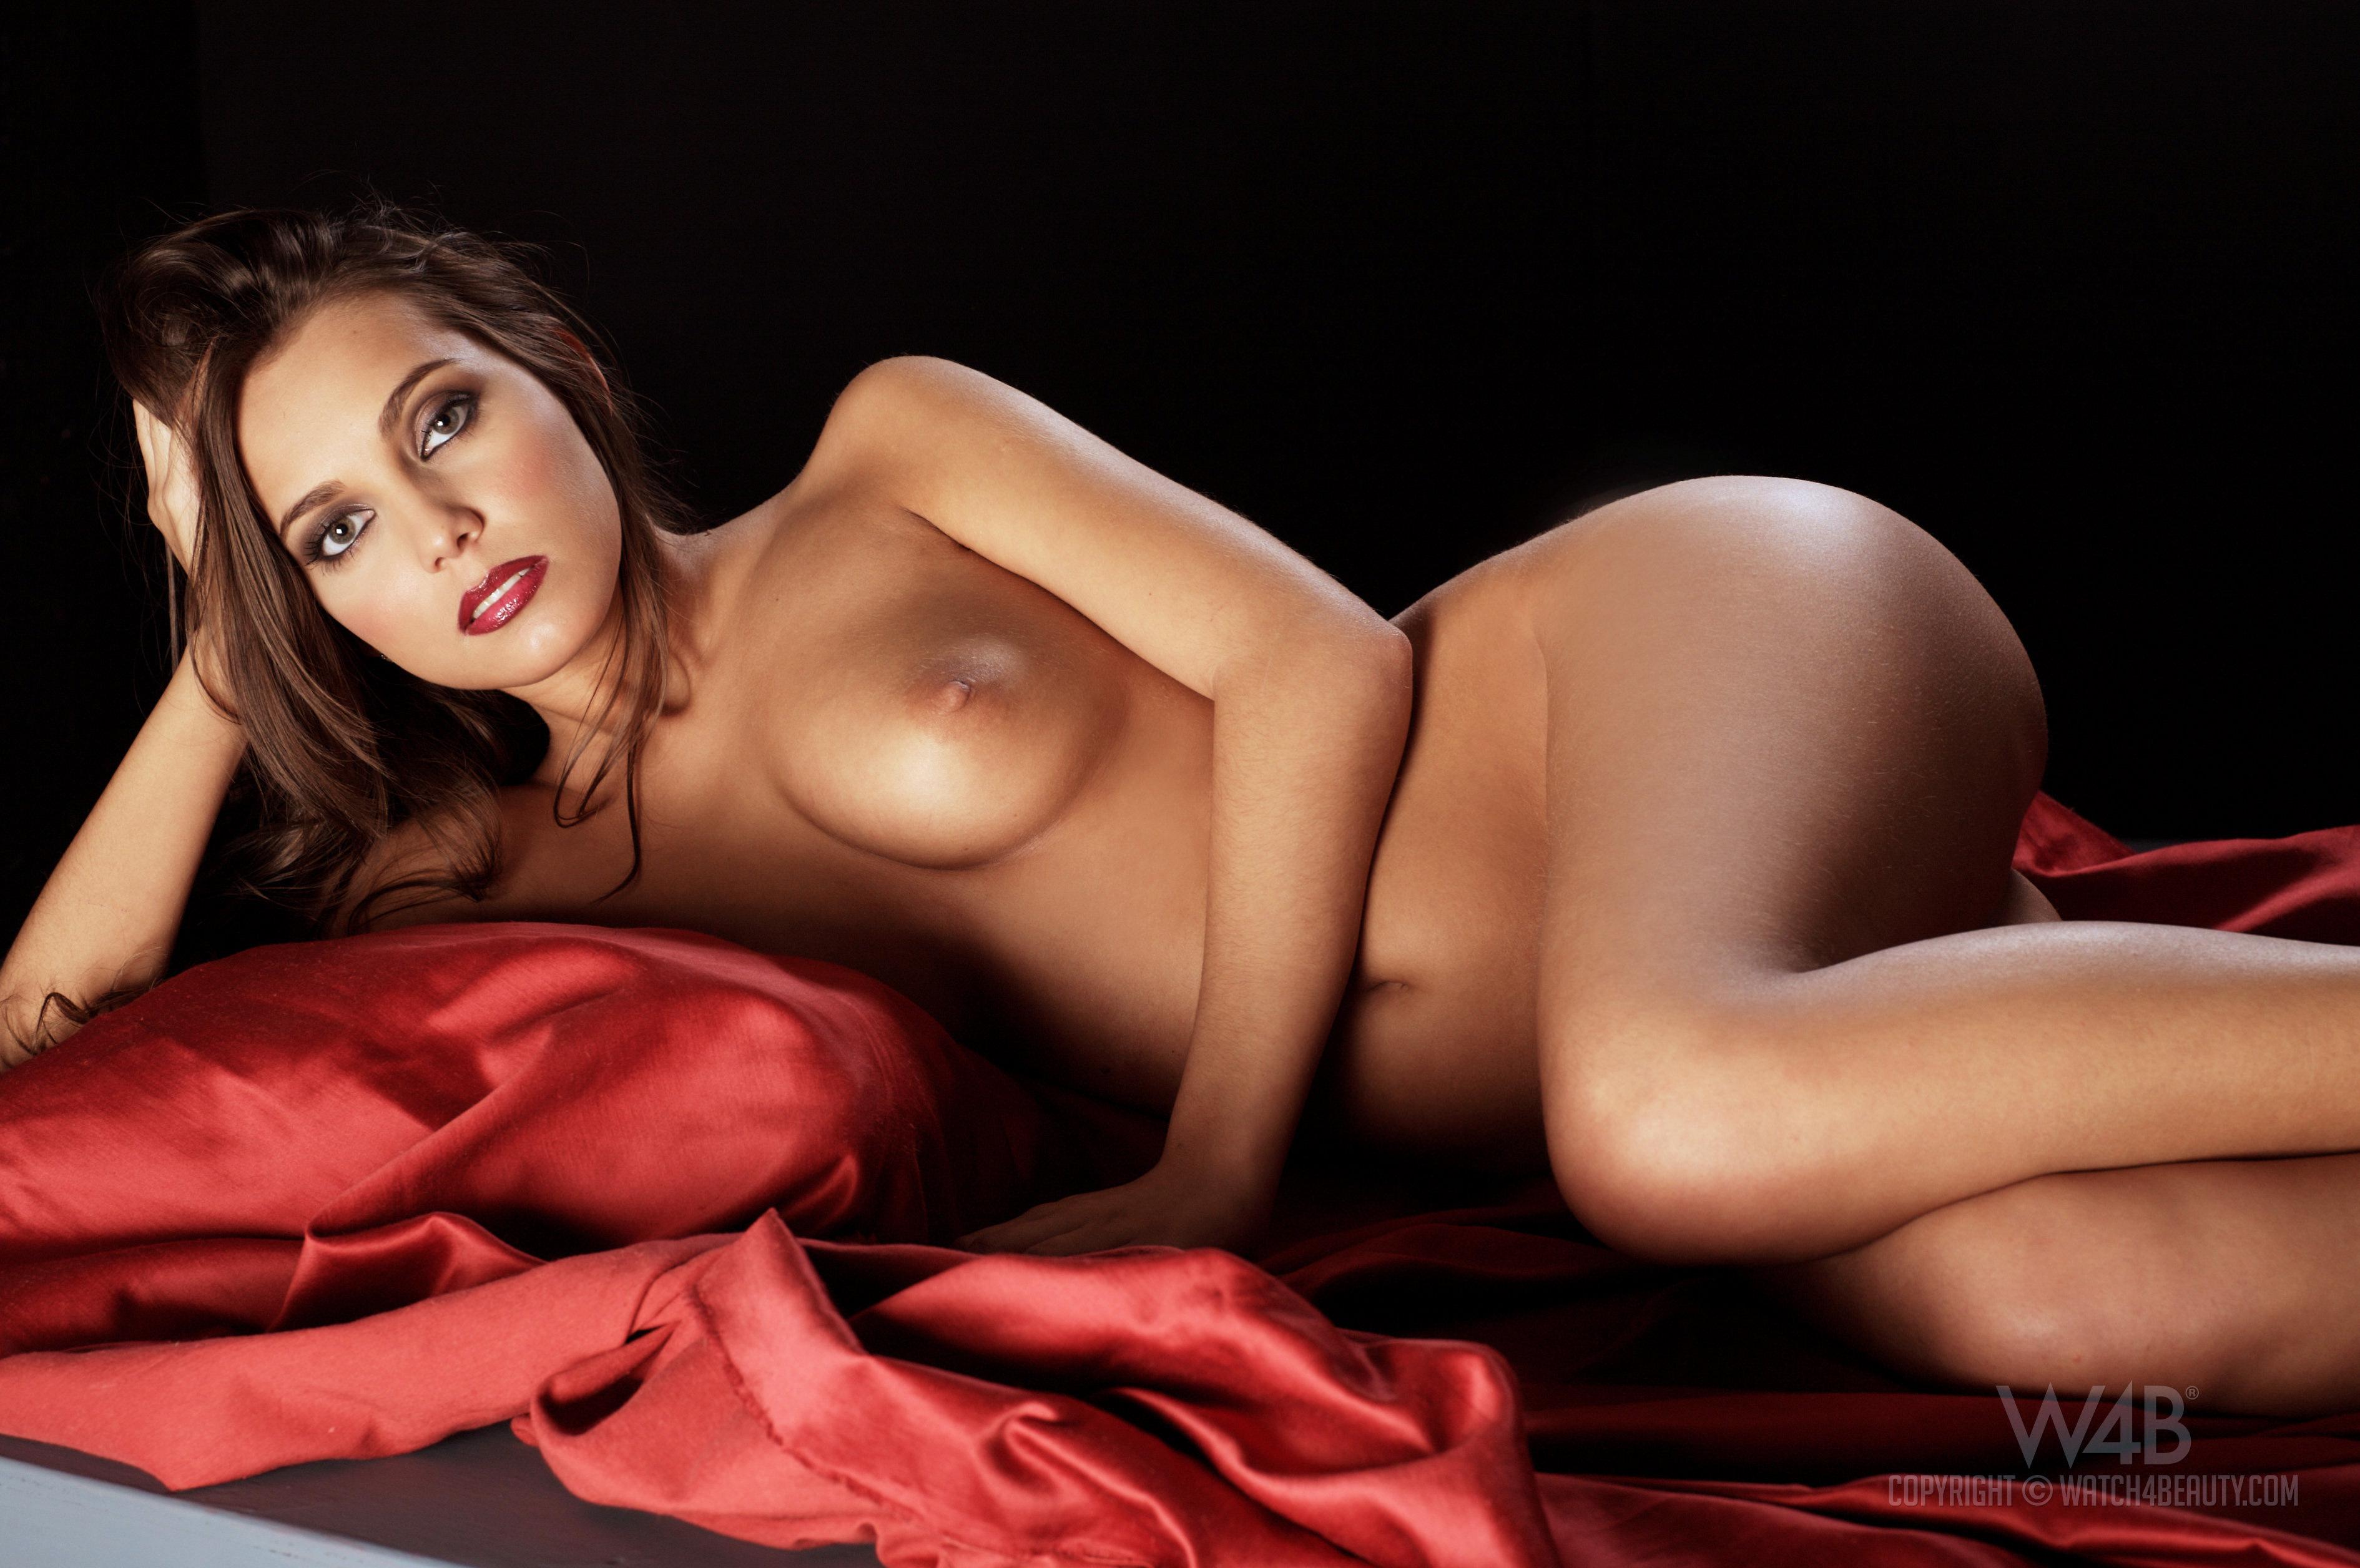 скачать порно фото с голыми знаменитостями